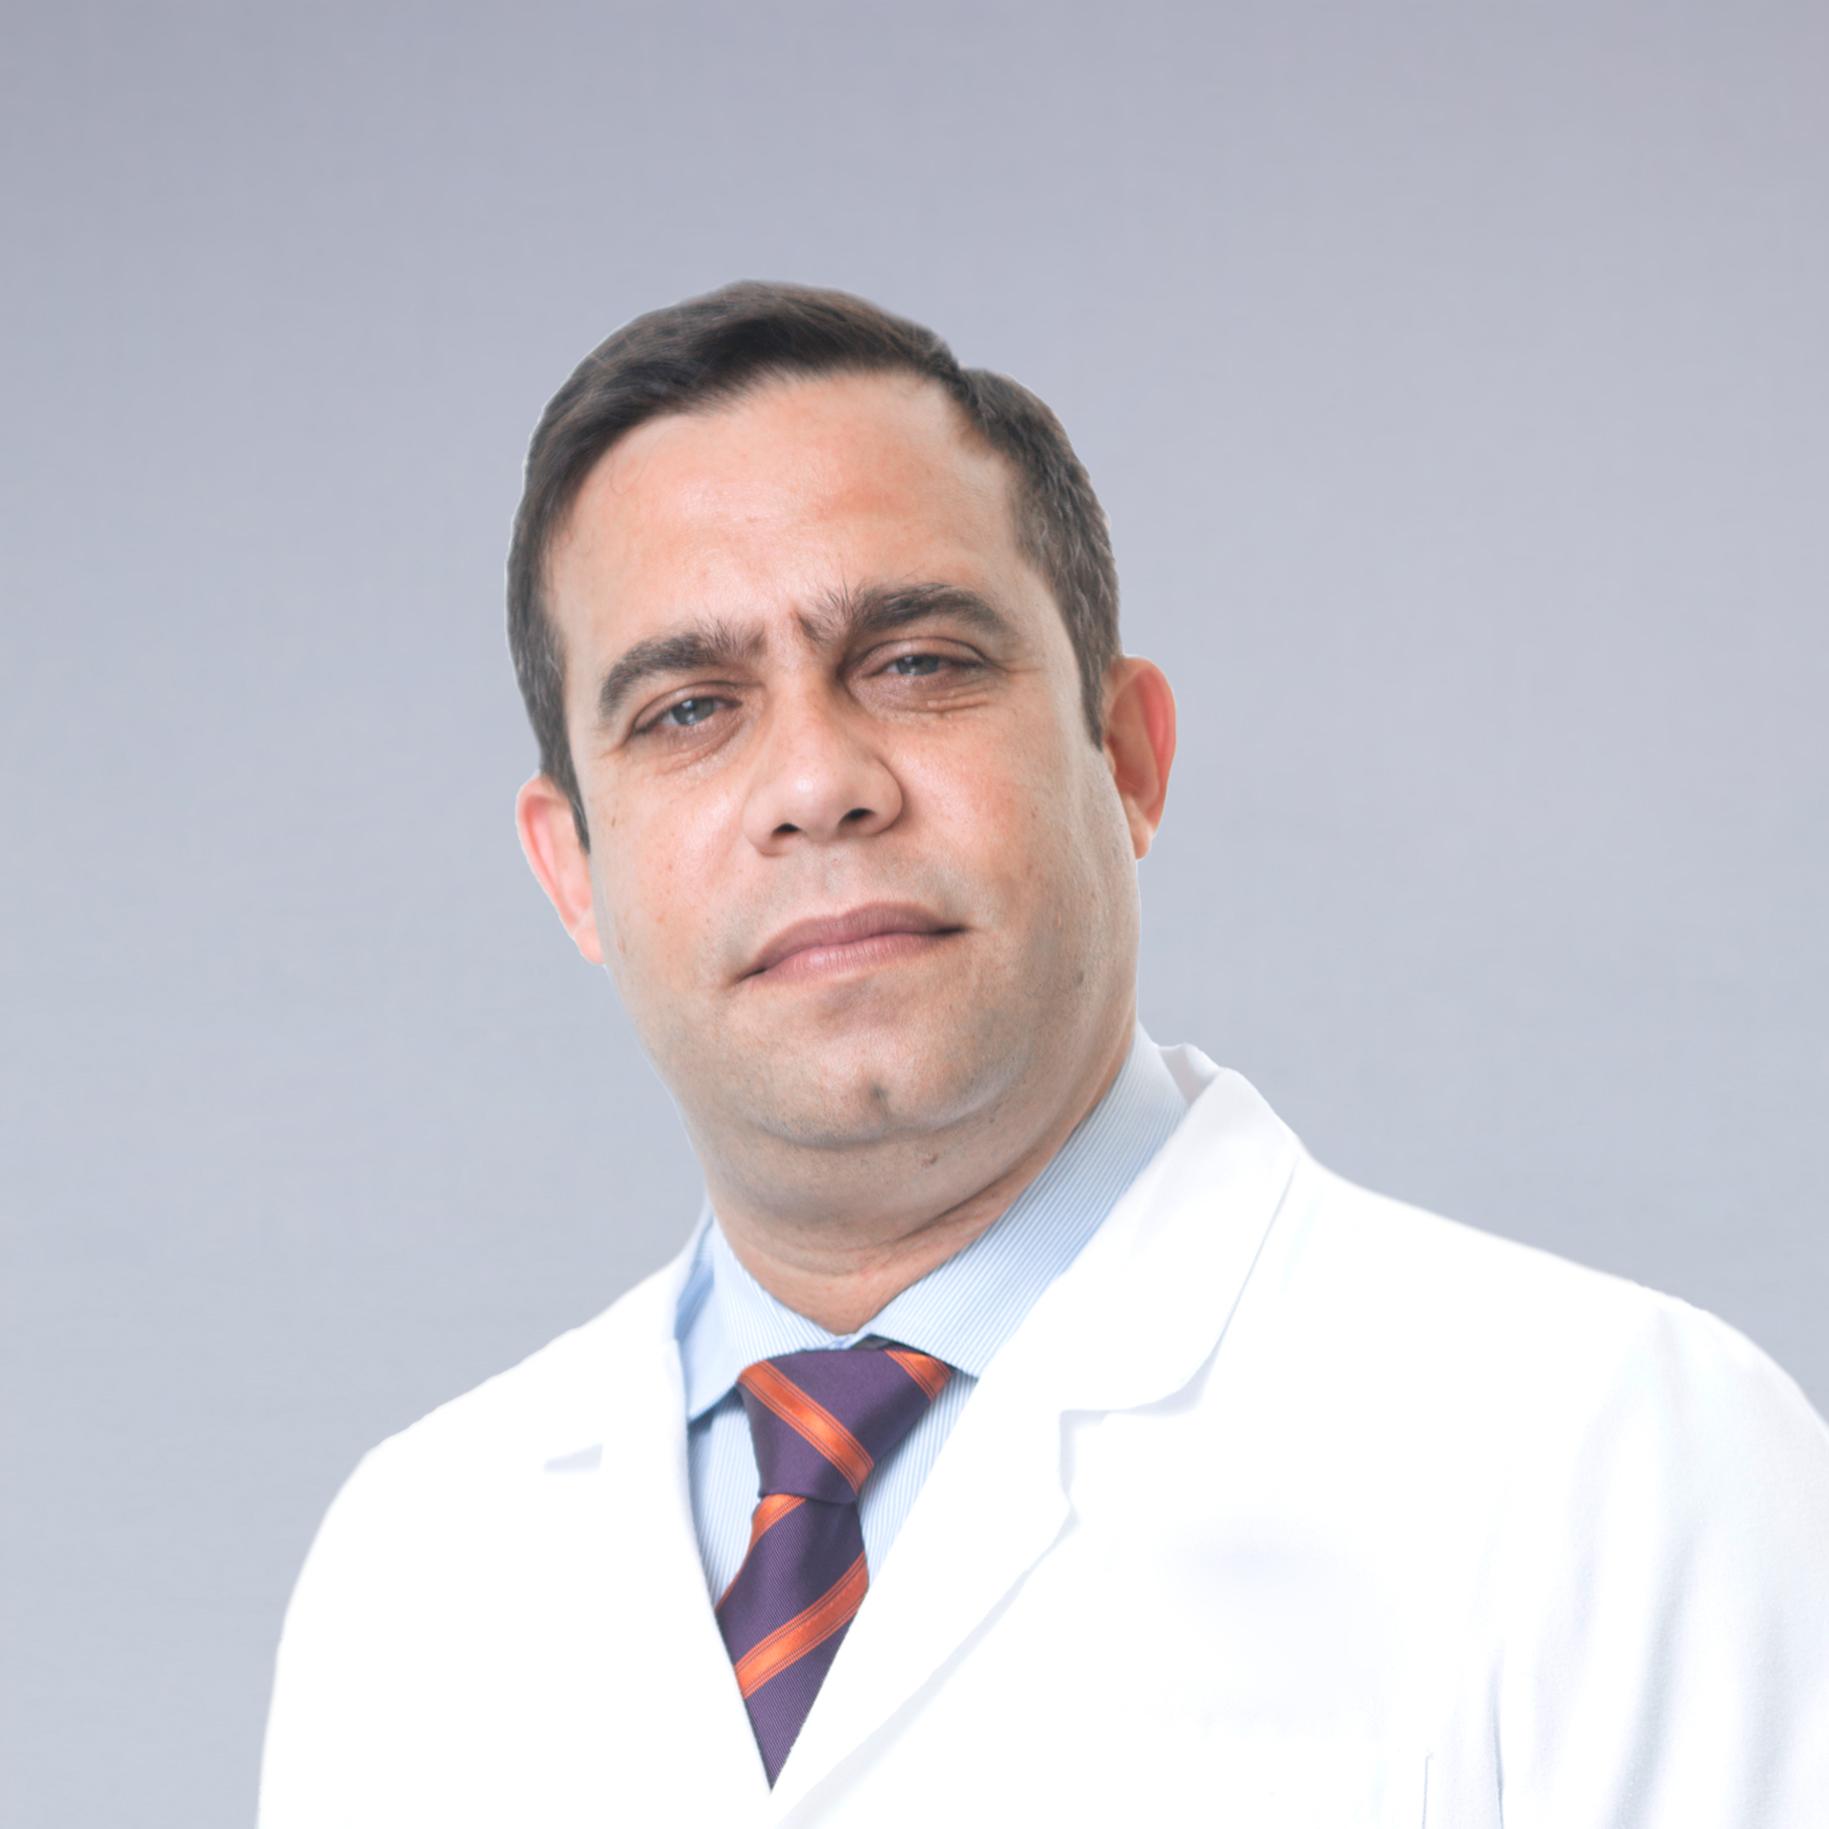 Daniel Rodríguez Pons